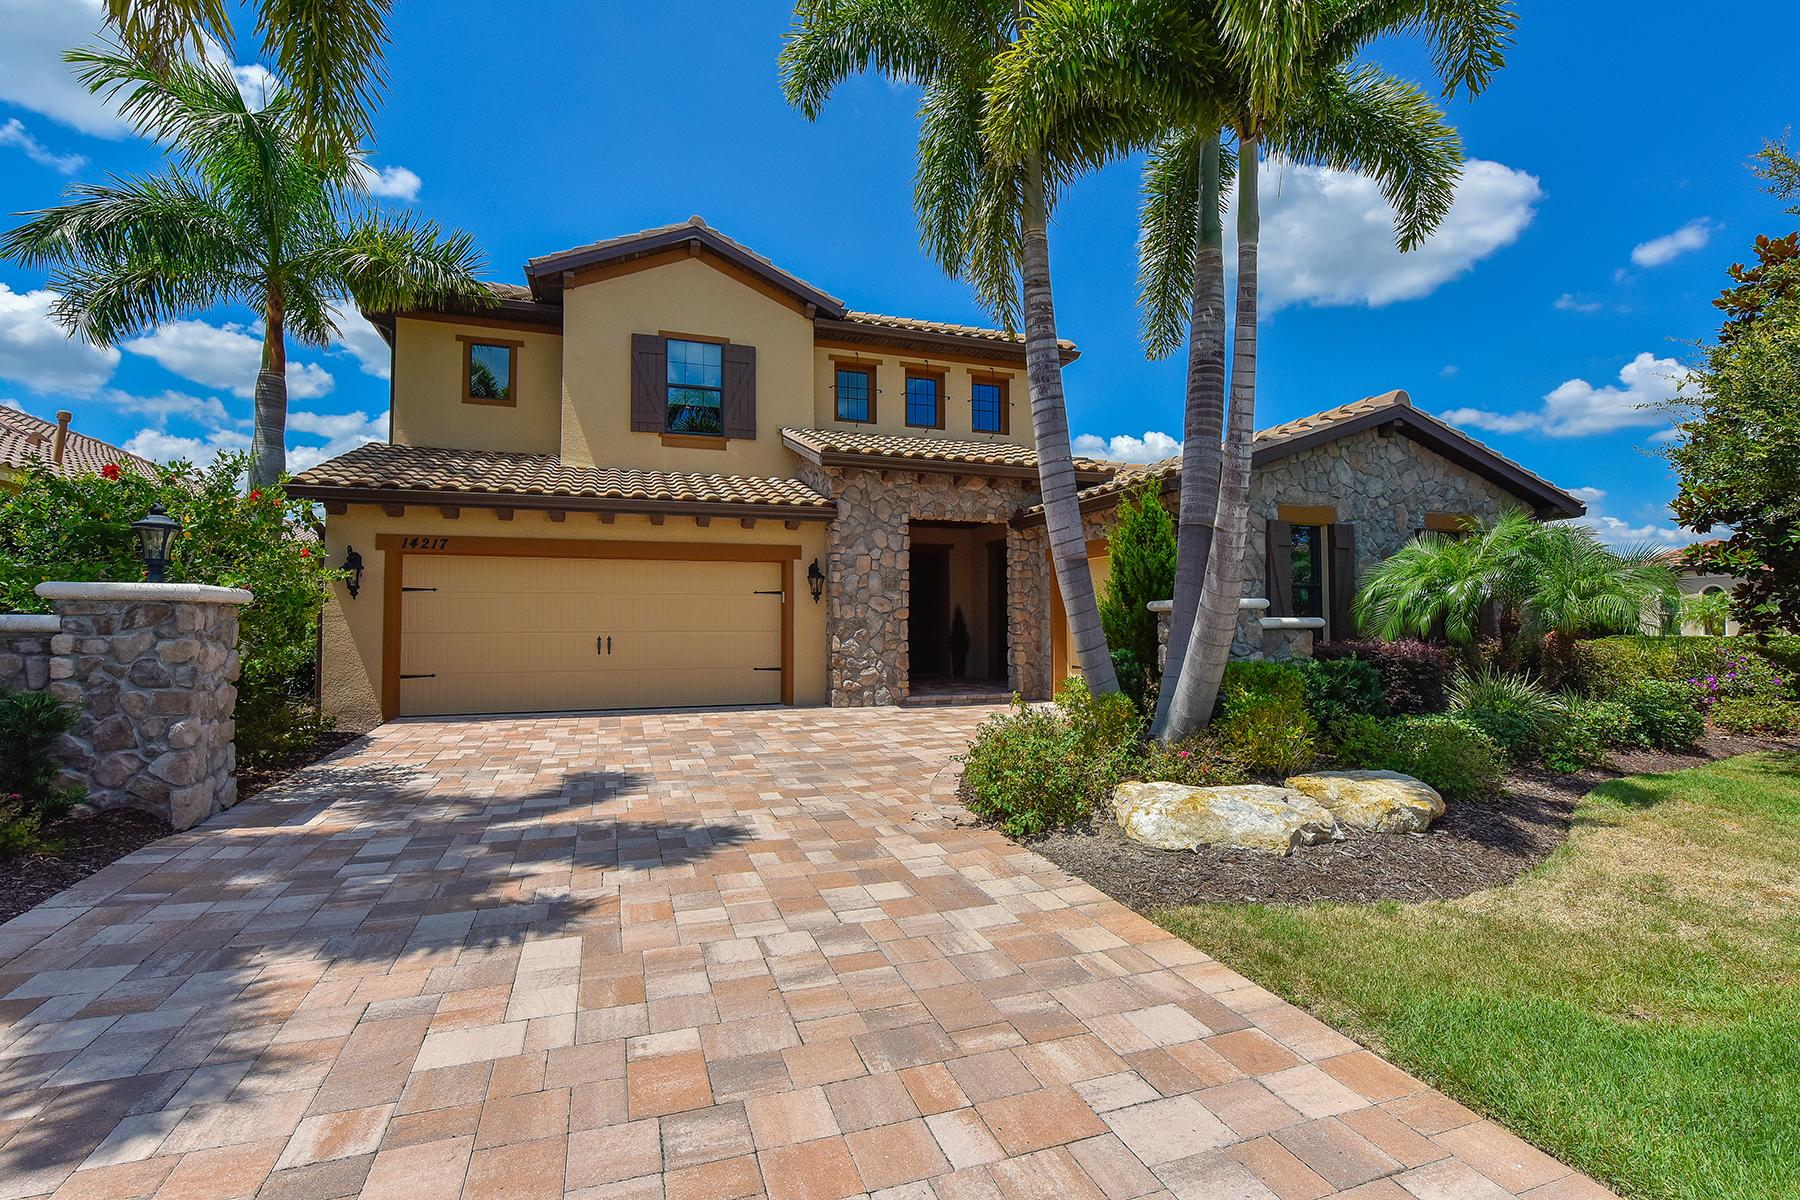 Maison unifamiliale pour l Vente à LAKEWOOD RANCH - COUNTRY CLUB EAST 14217 Bathgate Terr Bradenton, Florida, 34202 États-Unis